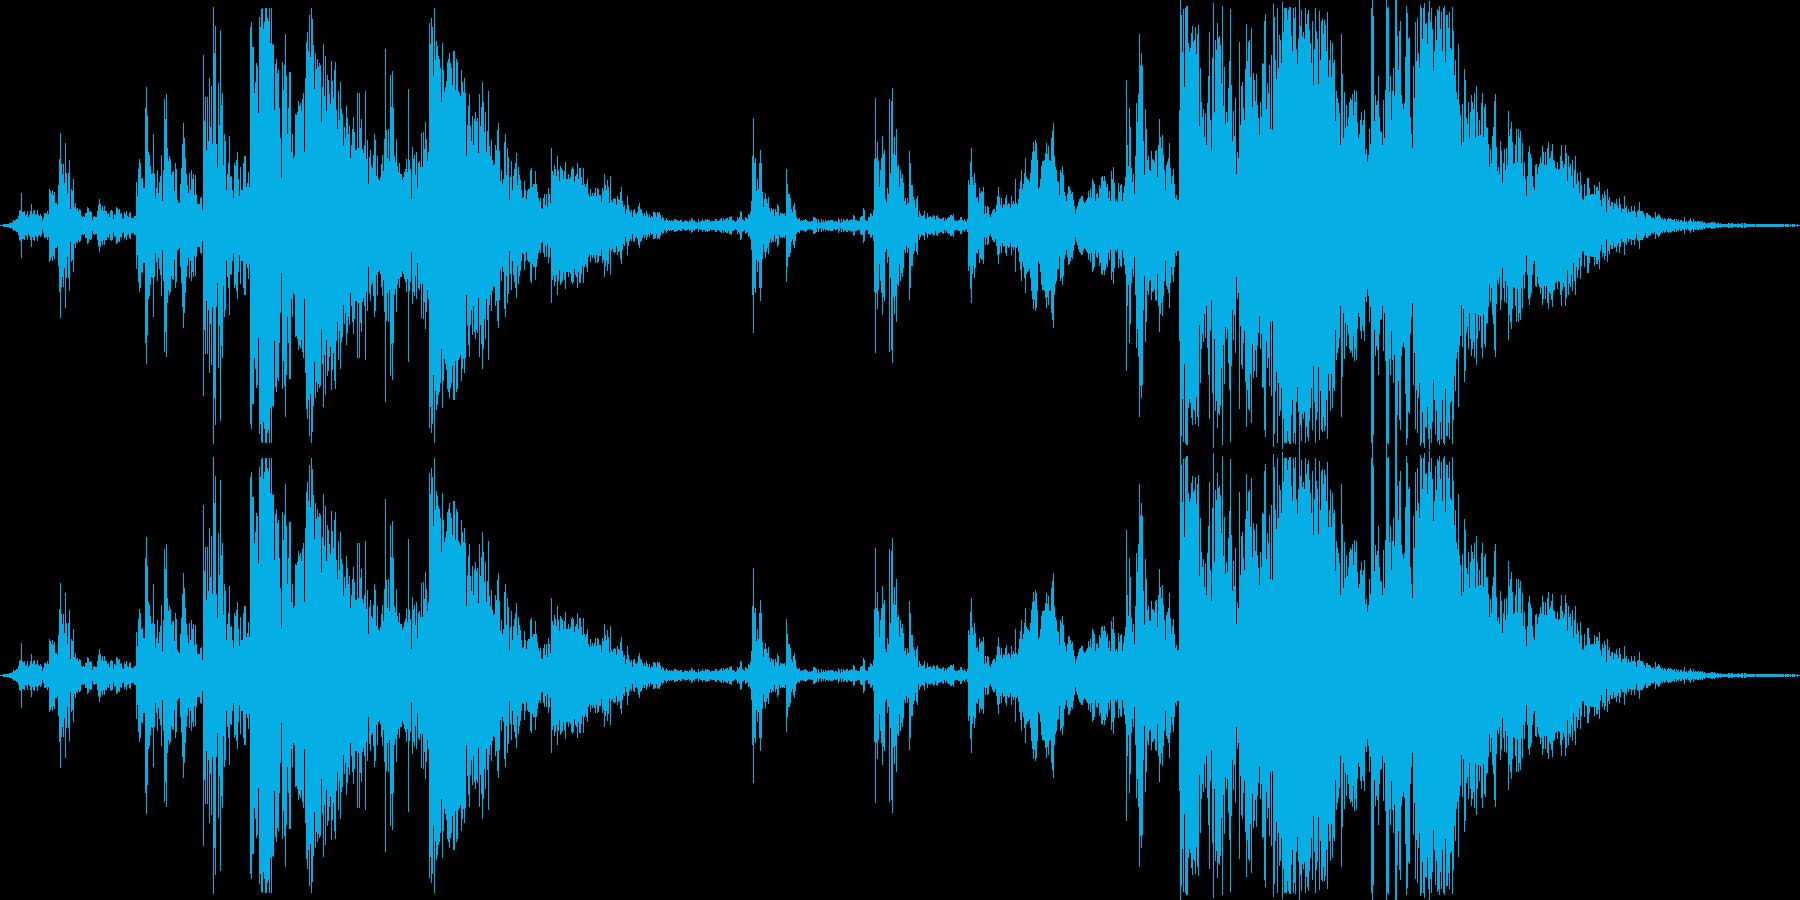 古い機械のガシャンガシャン2(ループ)の再生済みの波形